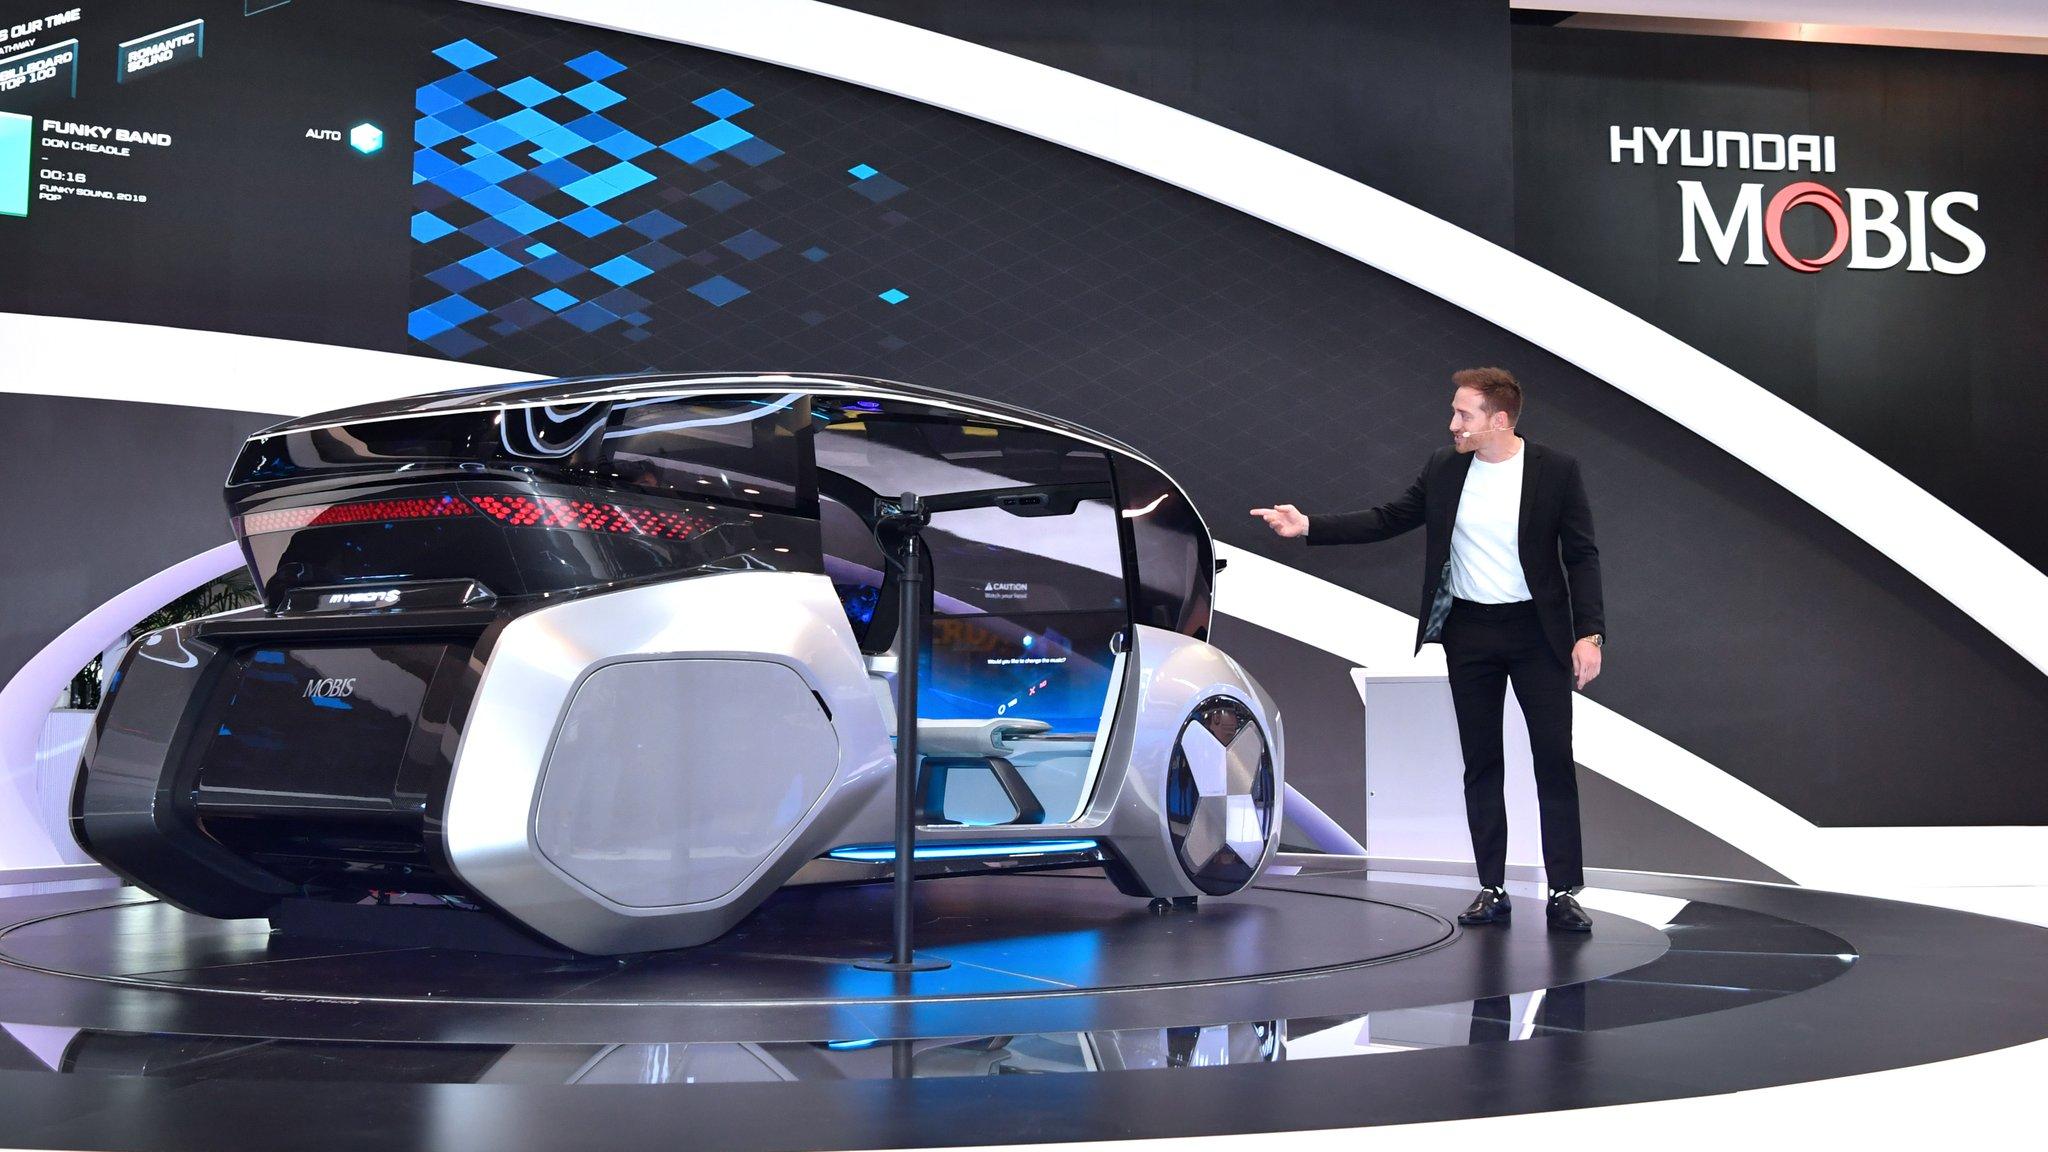 La mobilité hydrogène s'invite au CES 2020